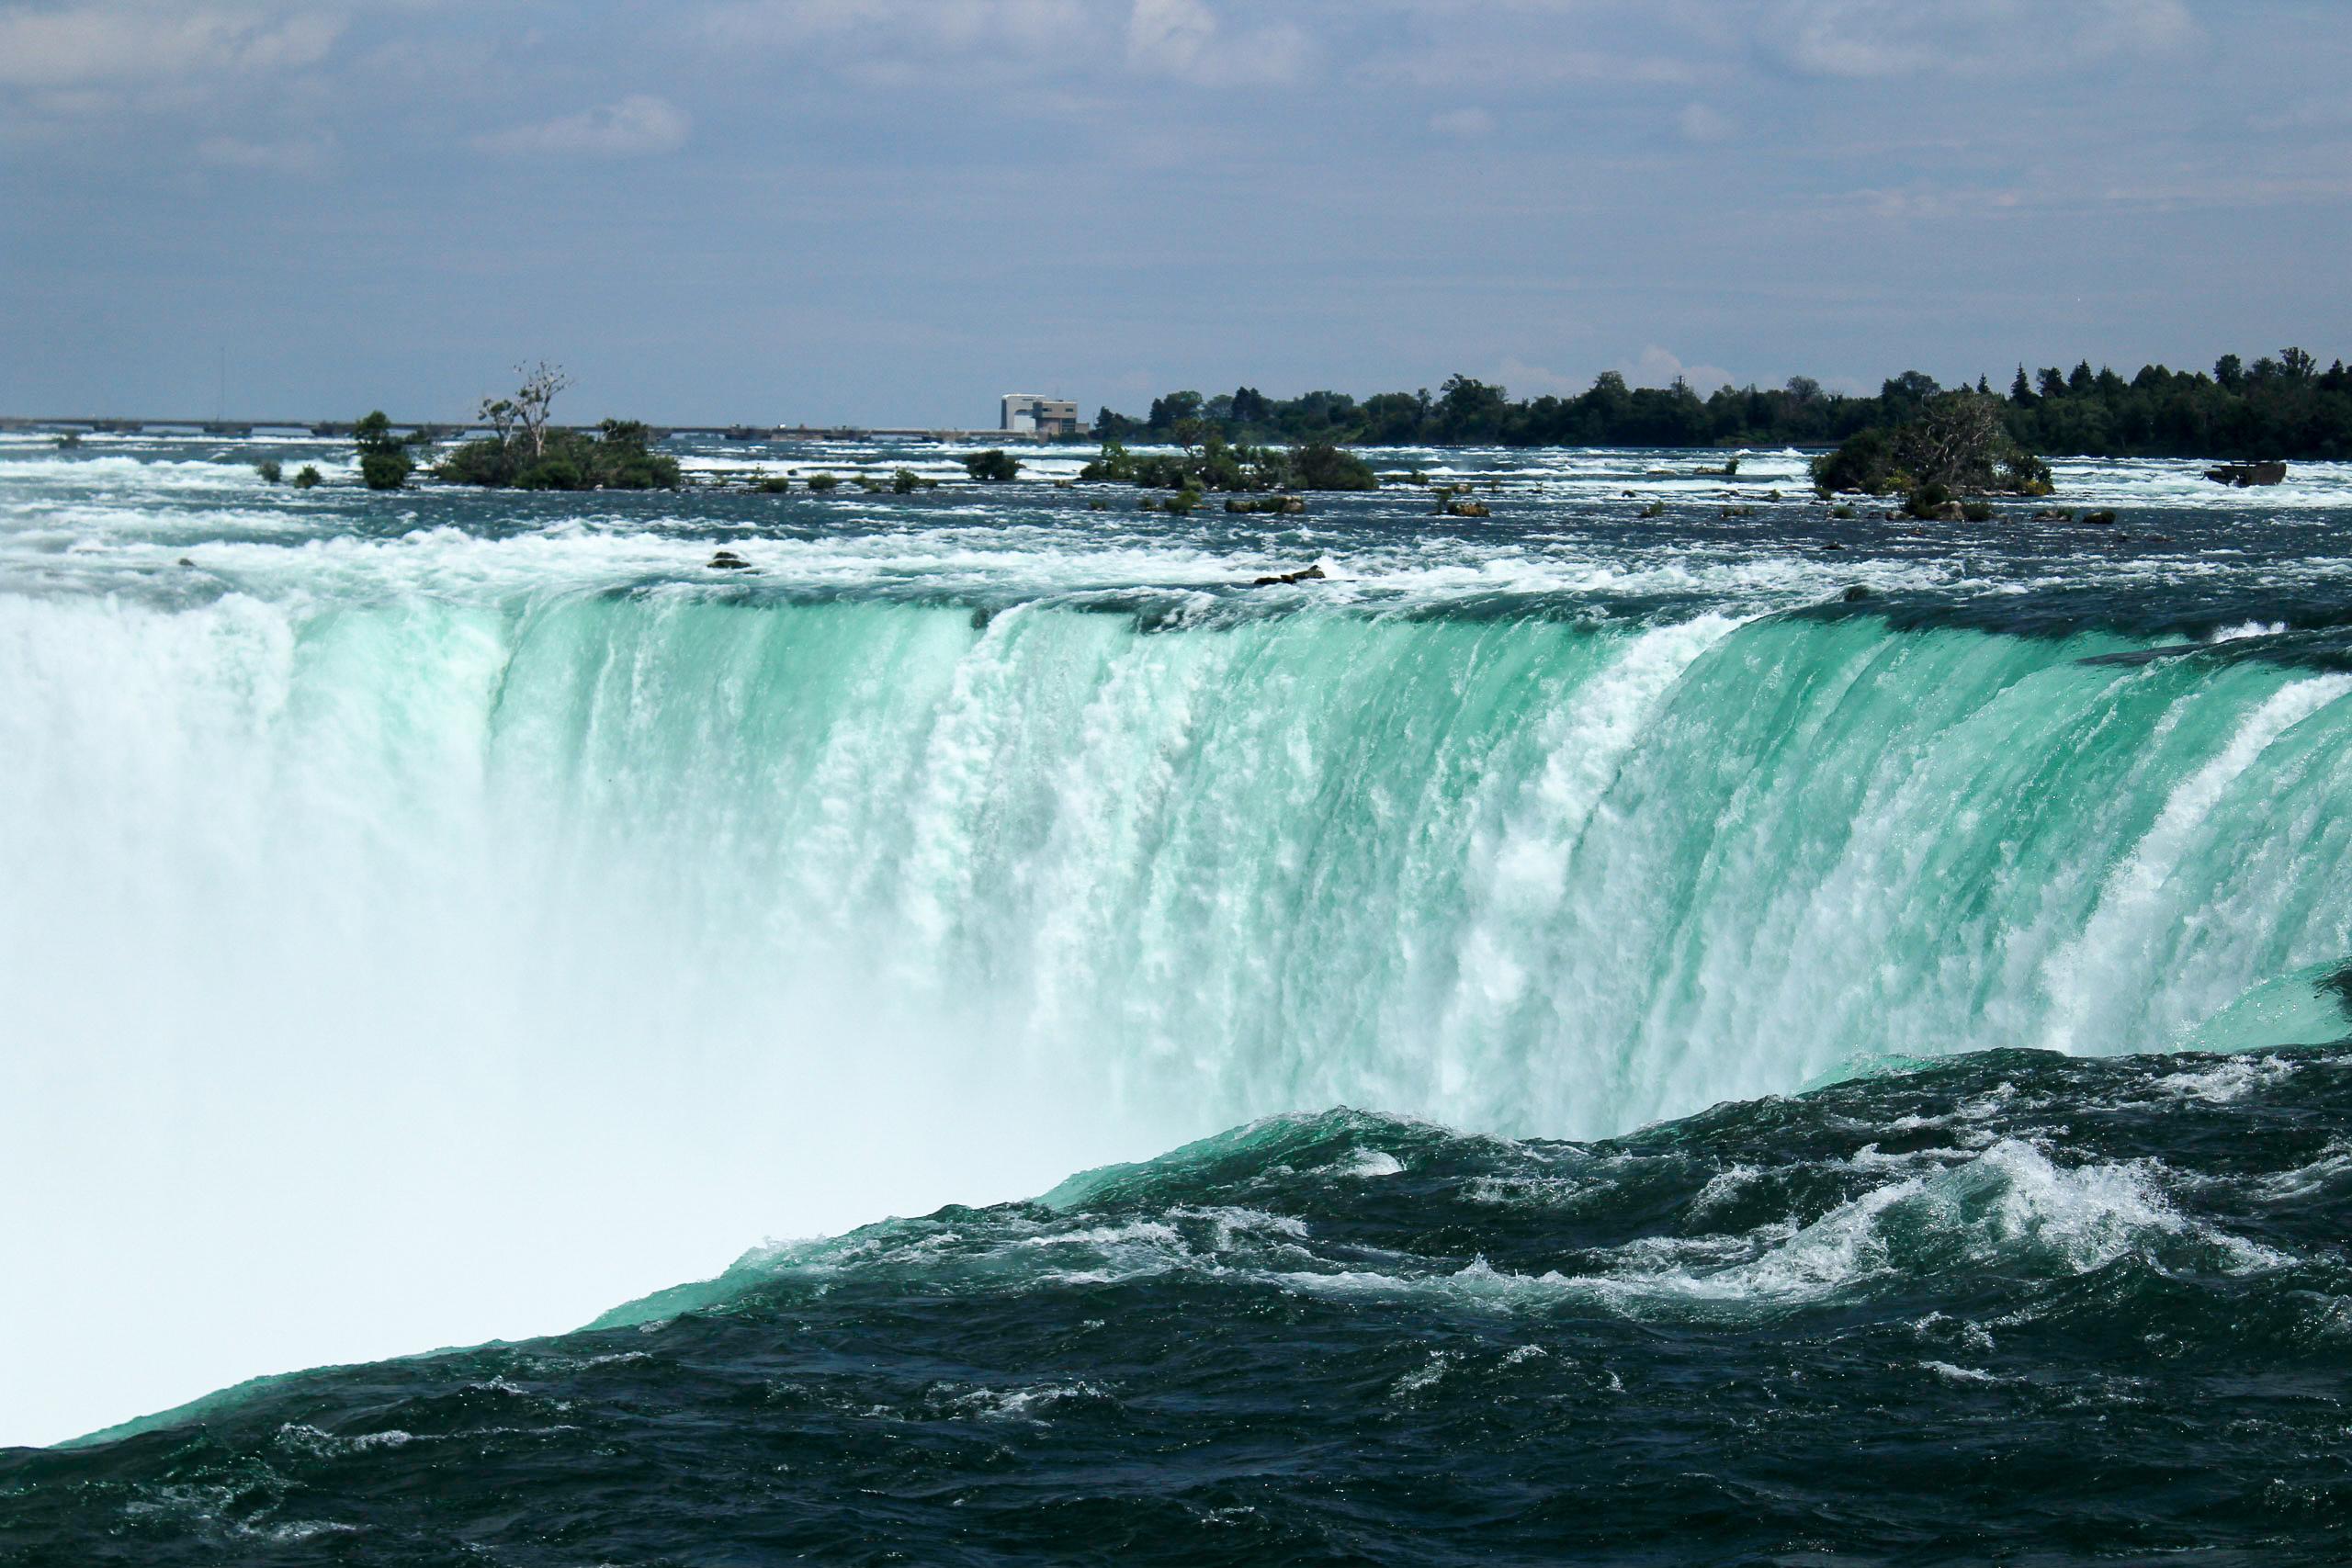 Stáhněte si úžasné obrázky zdarma s motivem Niagara Parky.